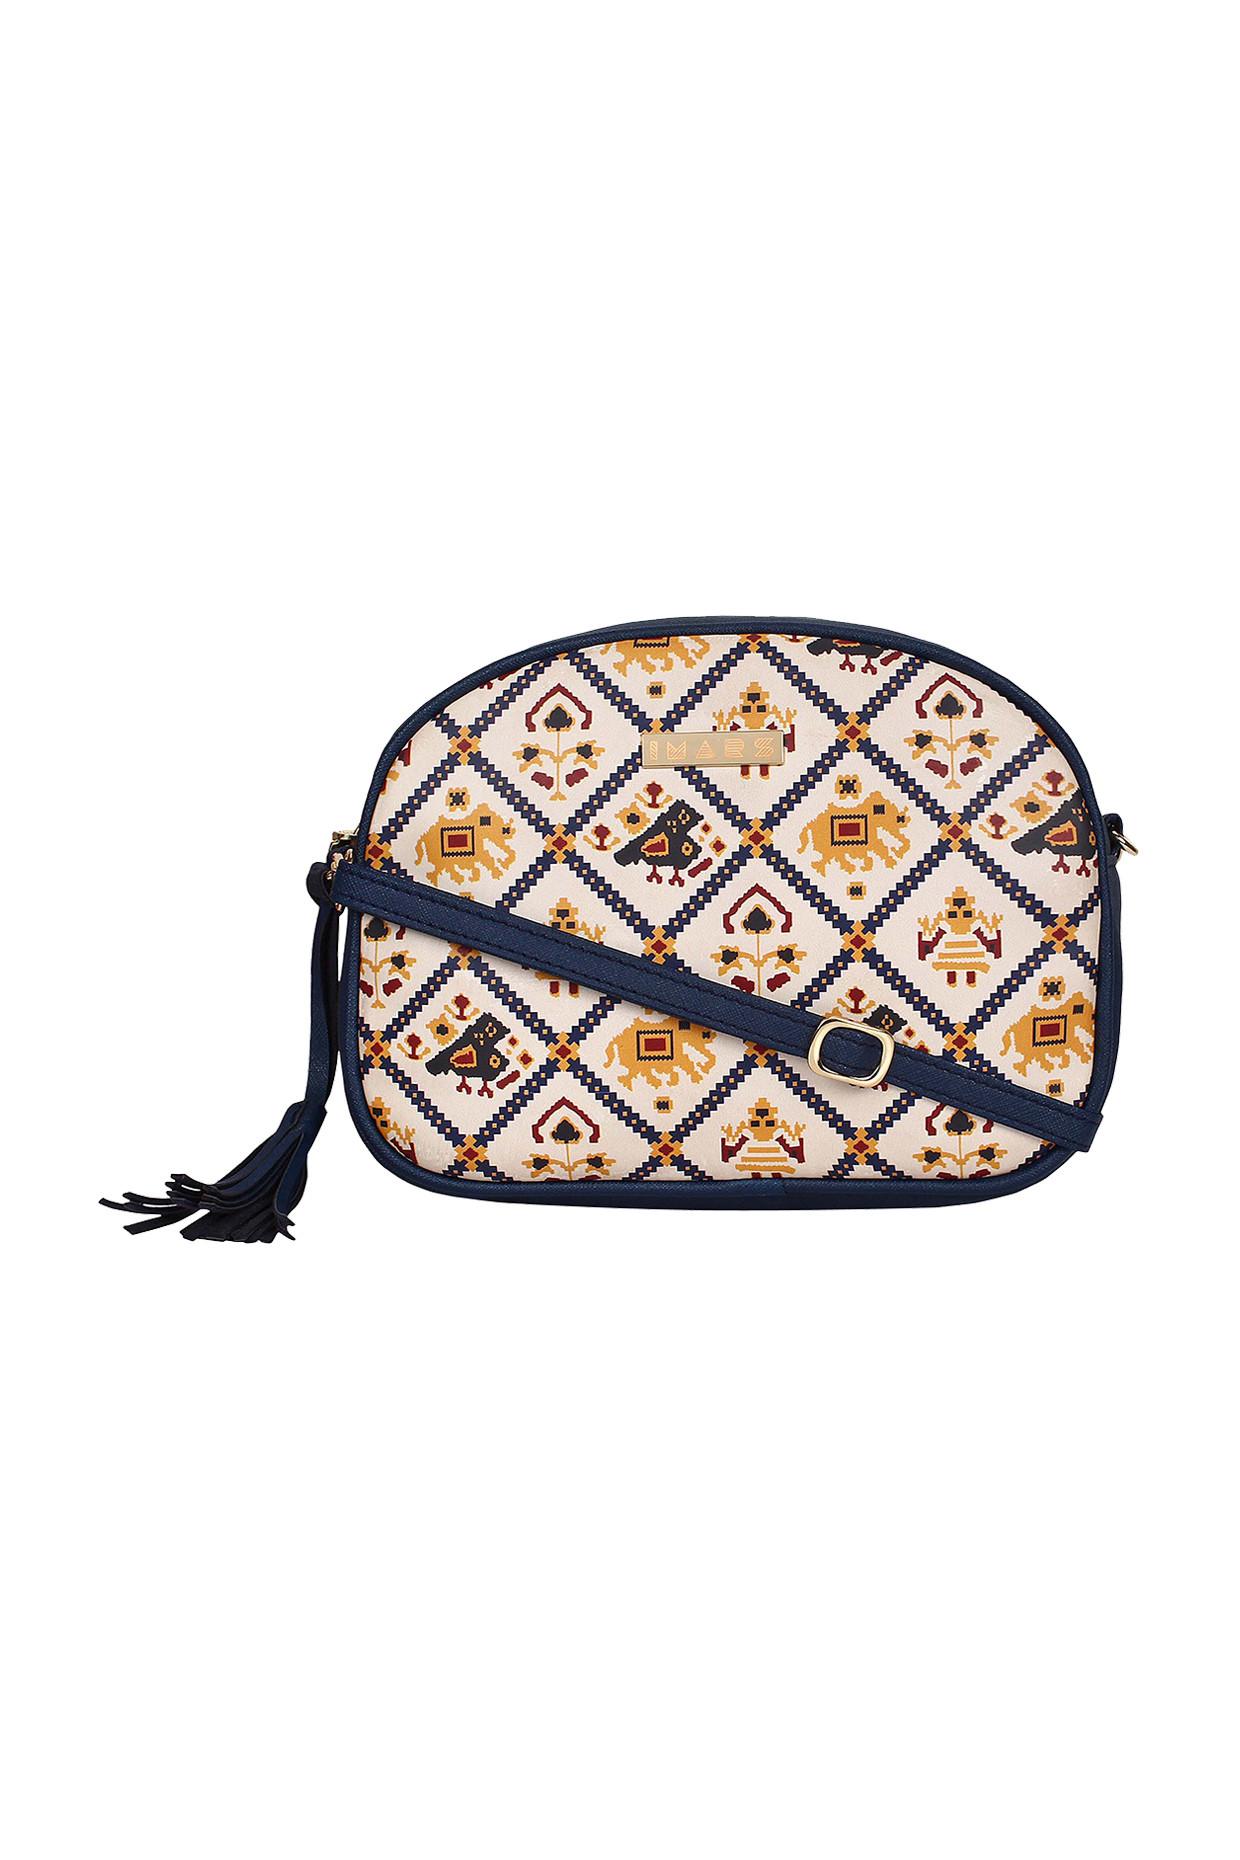 Blue Printed Sling Bag by Imars